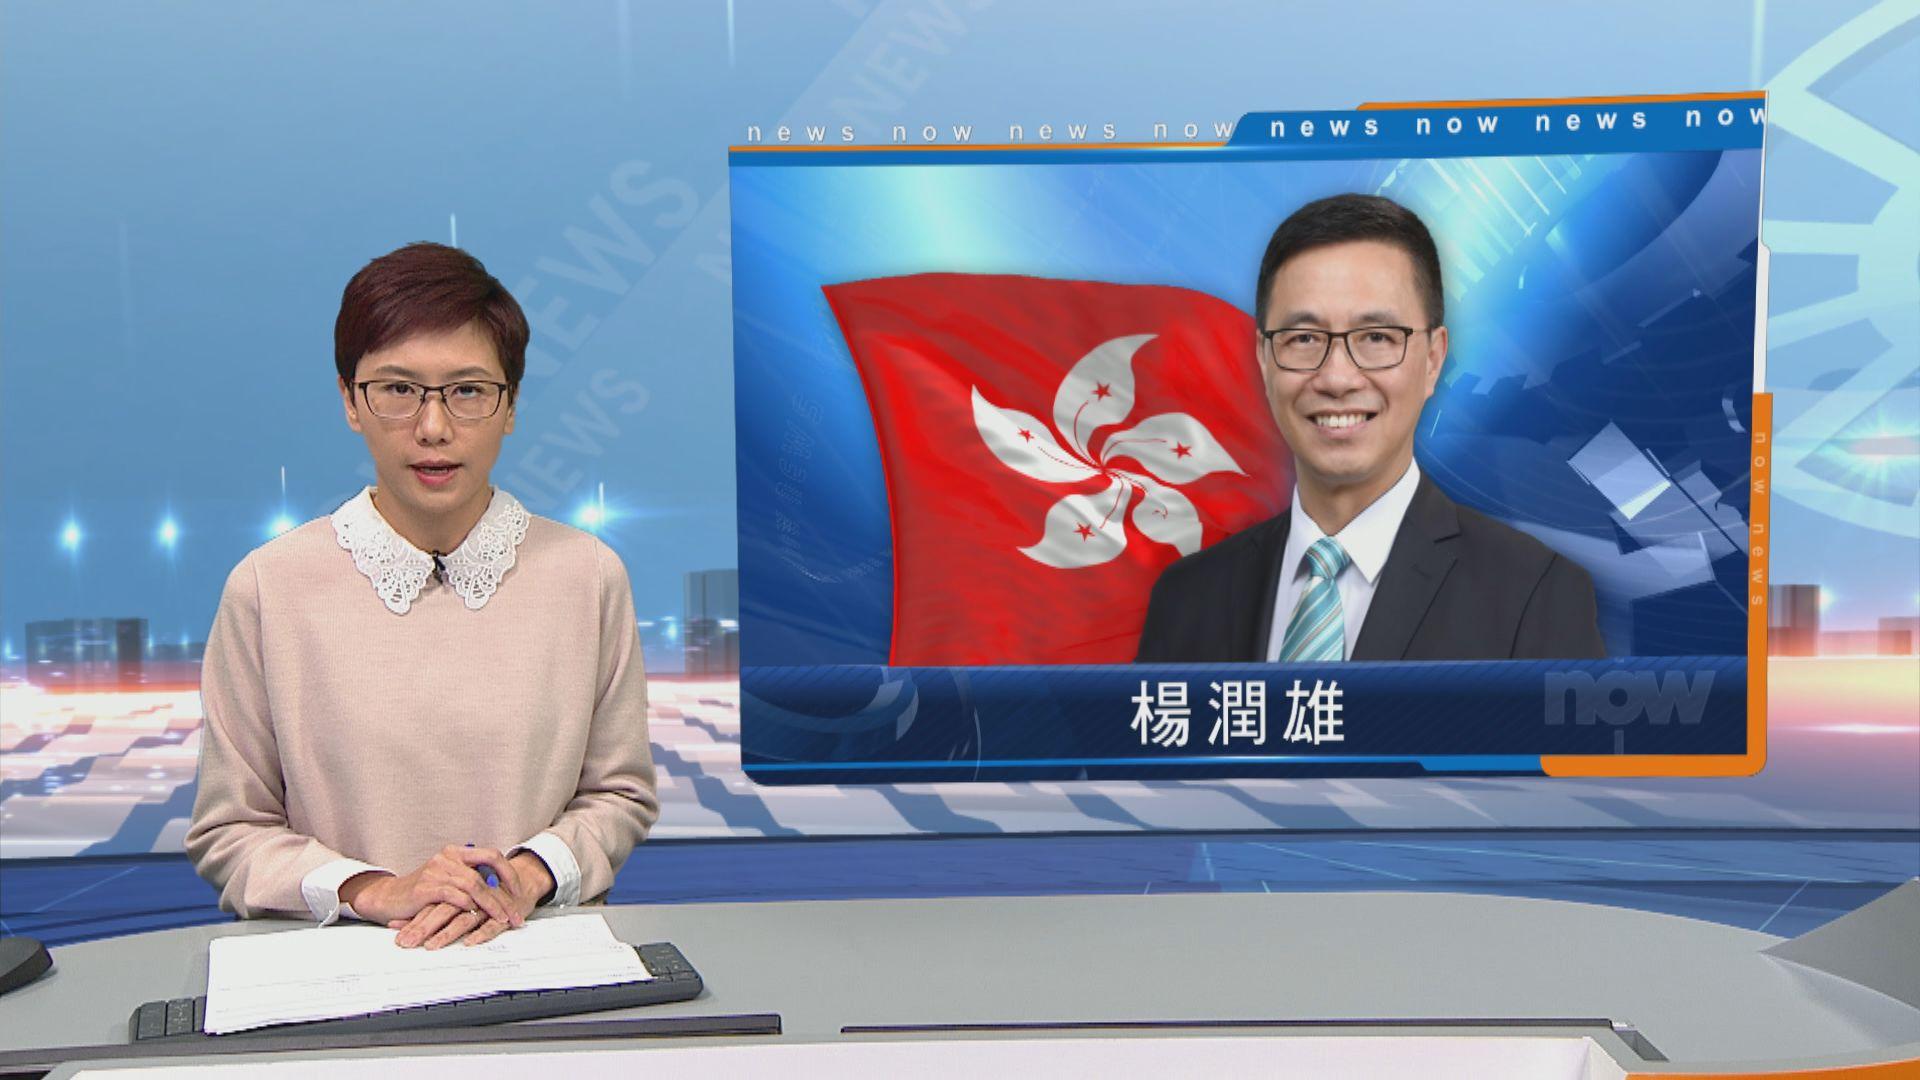 楊潤雄:大學應反思外界對其管理問題的意見